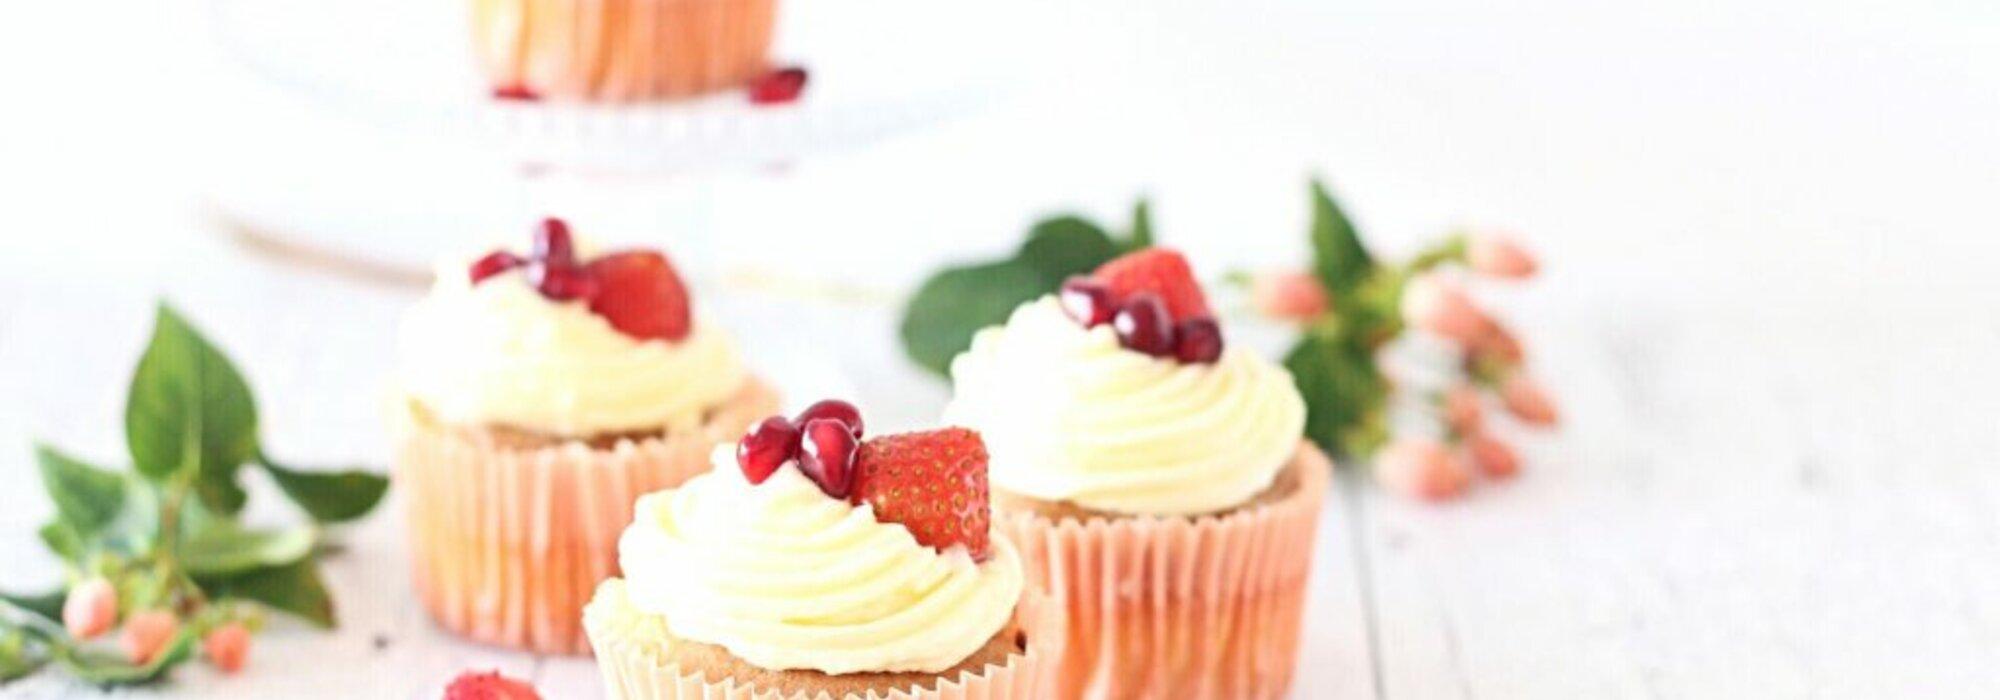 Koolhydraatarme vanille aardbei cupcakes